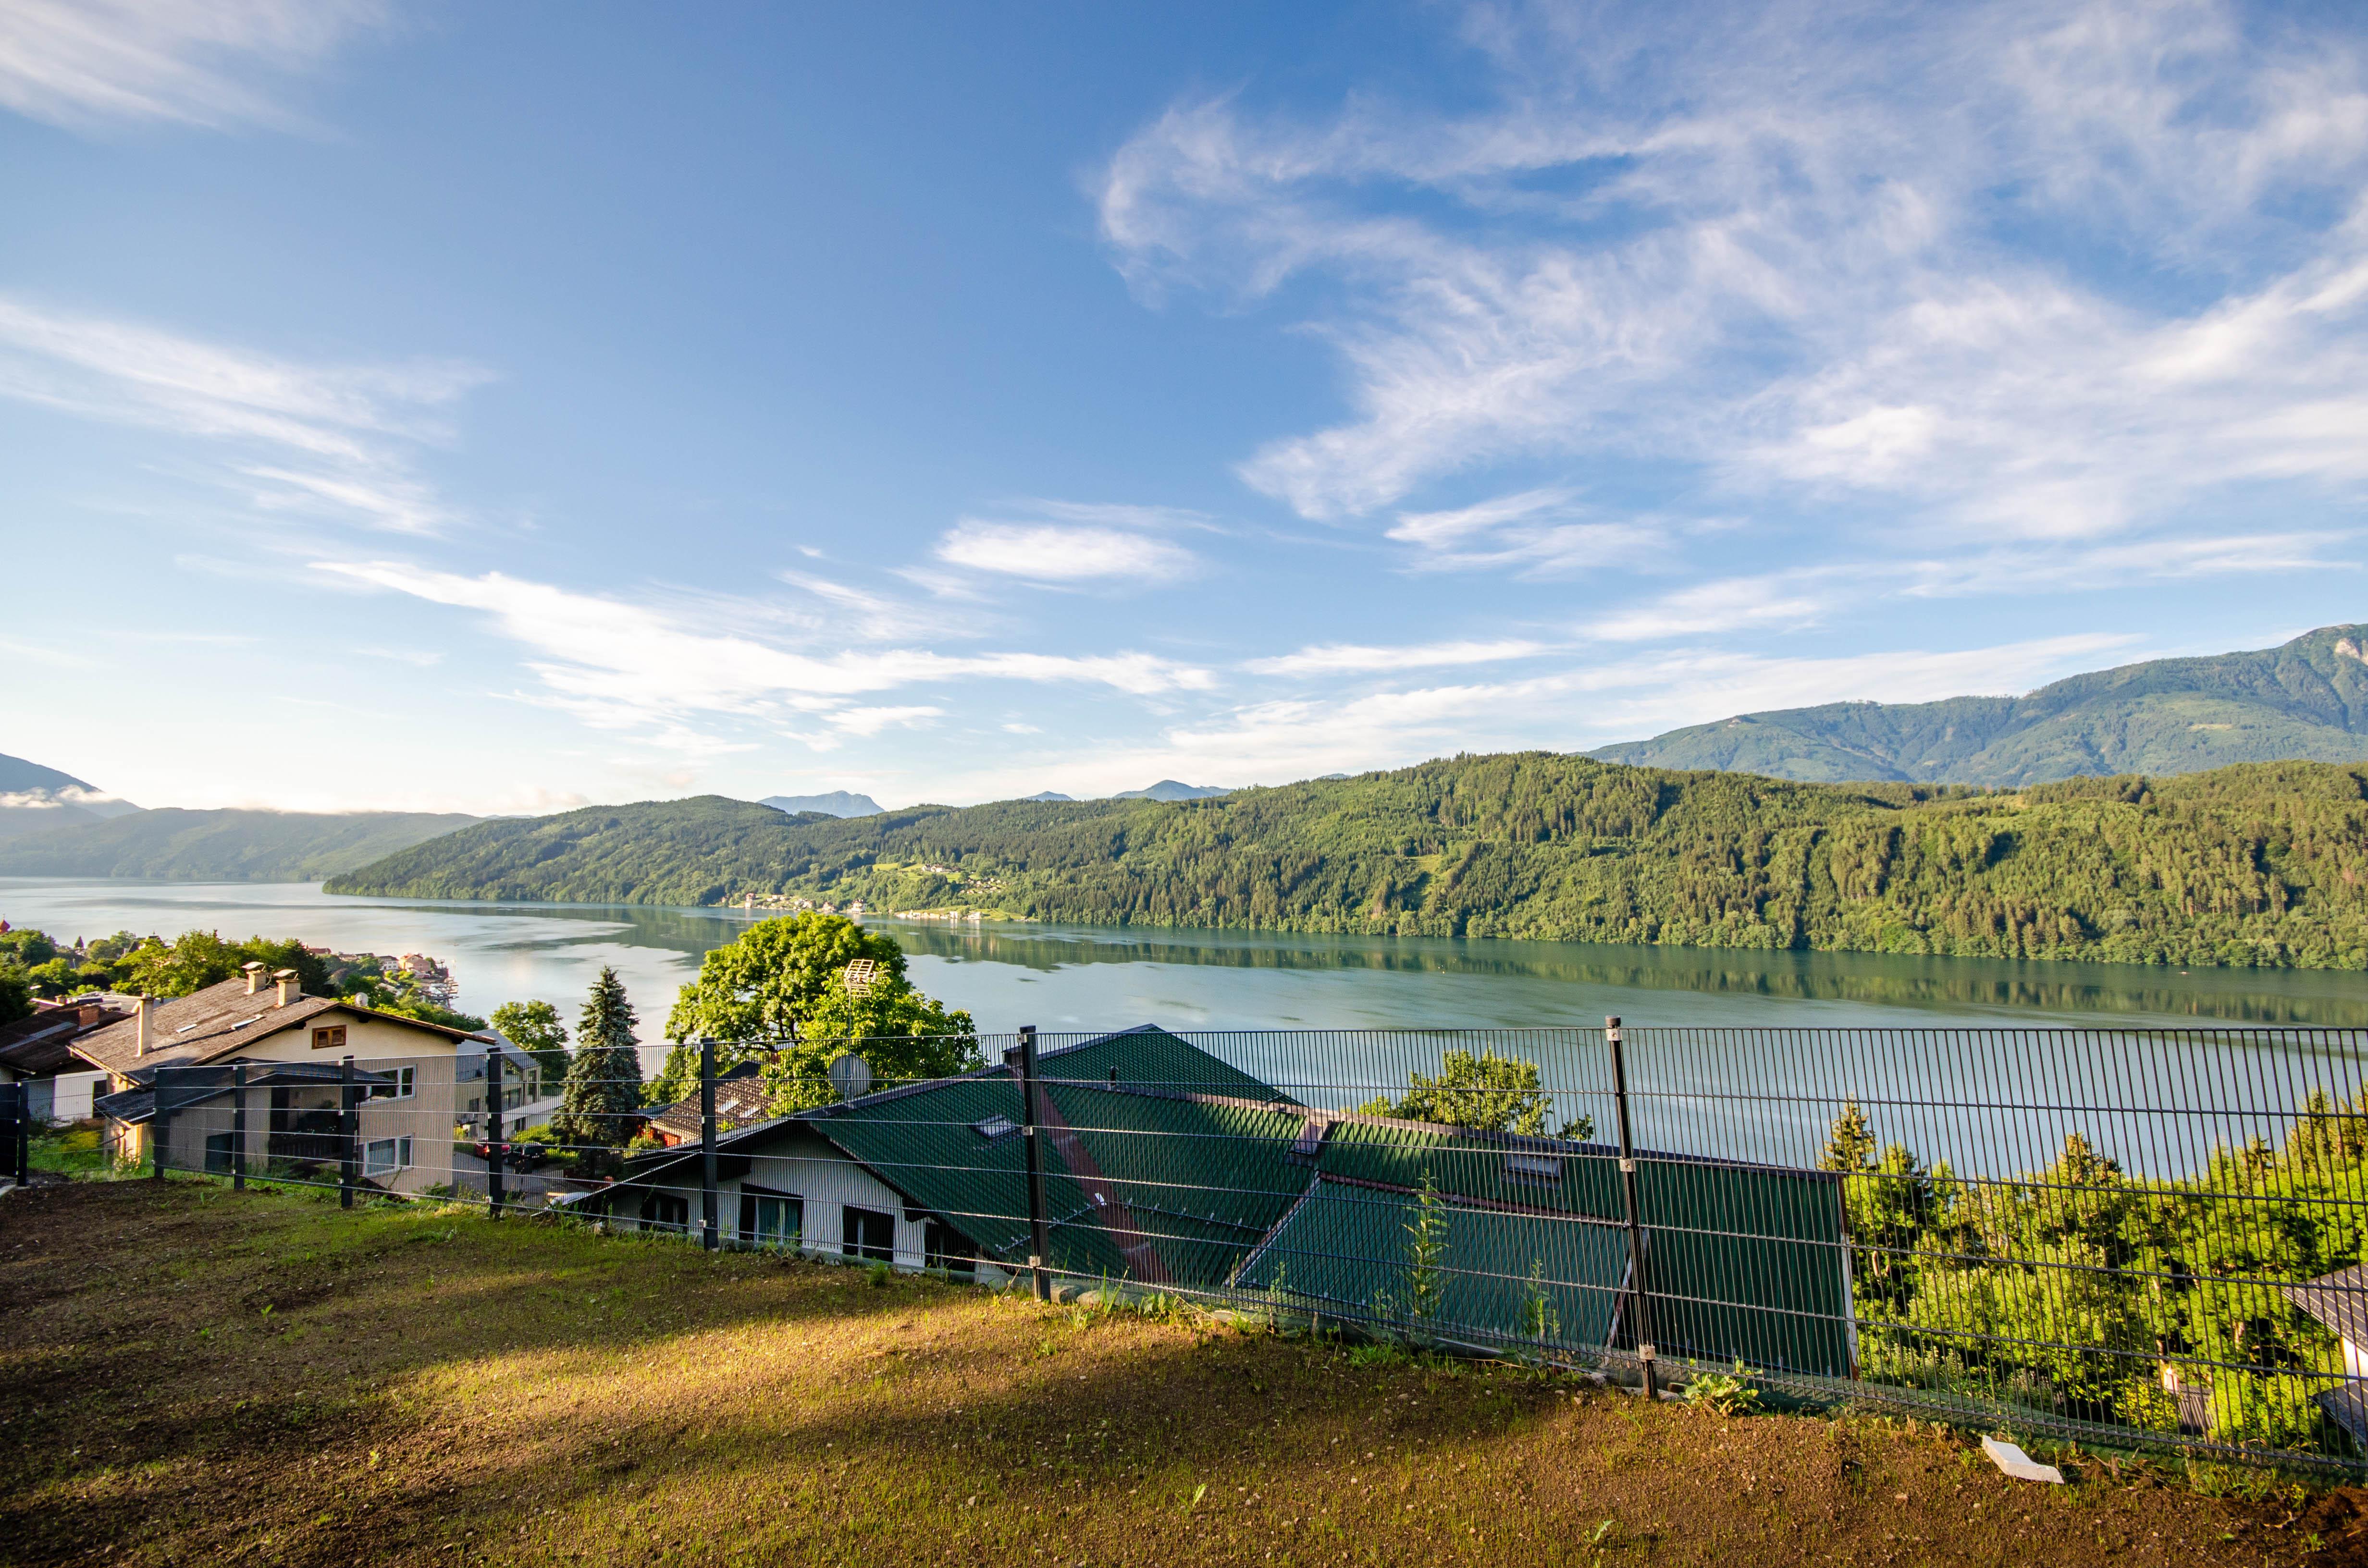 Projekt see|hen - Ein Logenplatz über dem Millstätter See